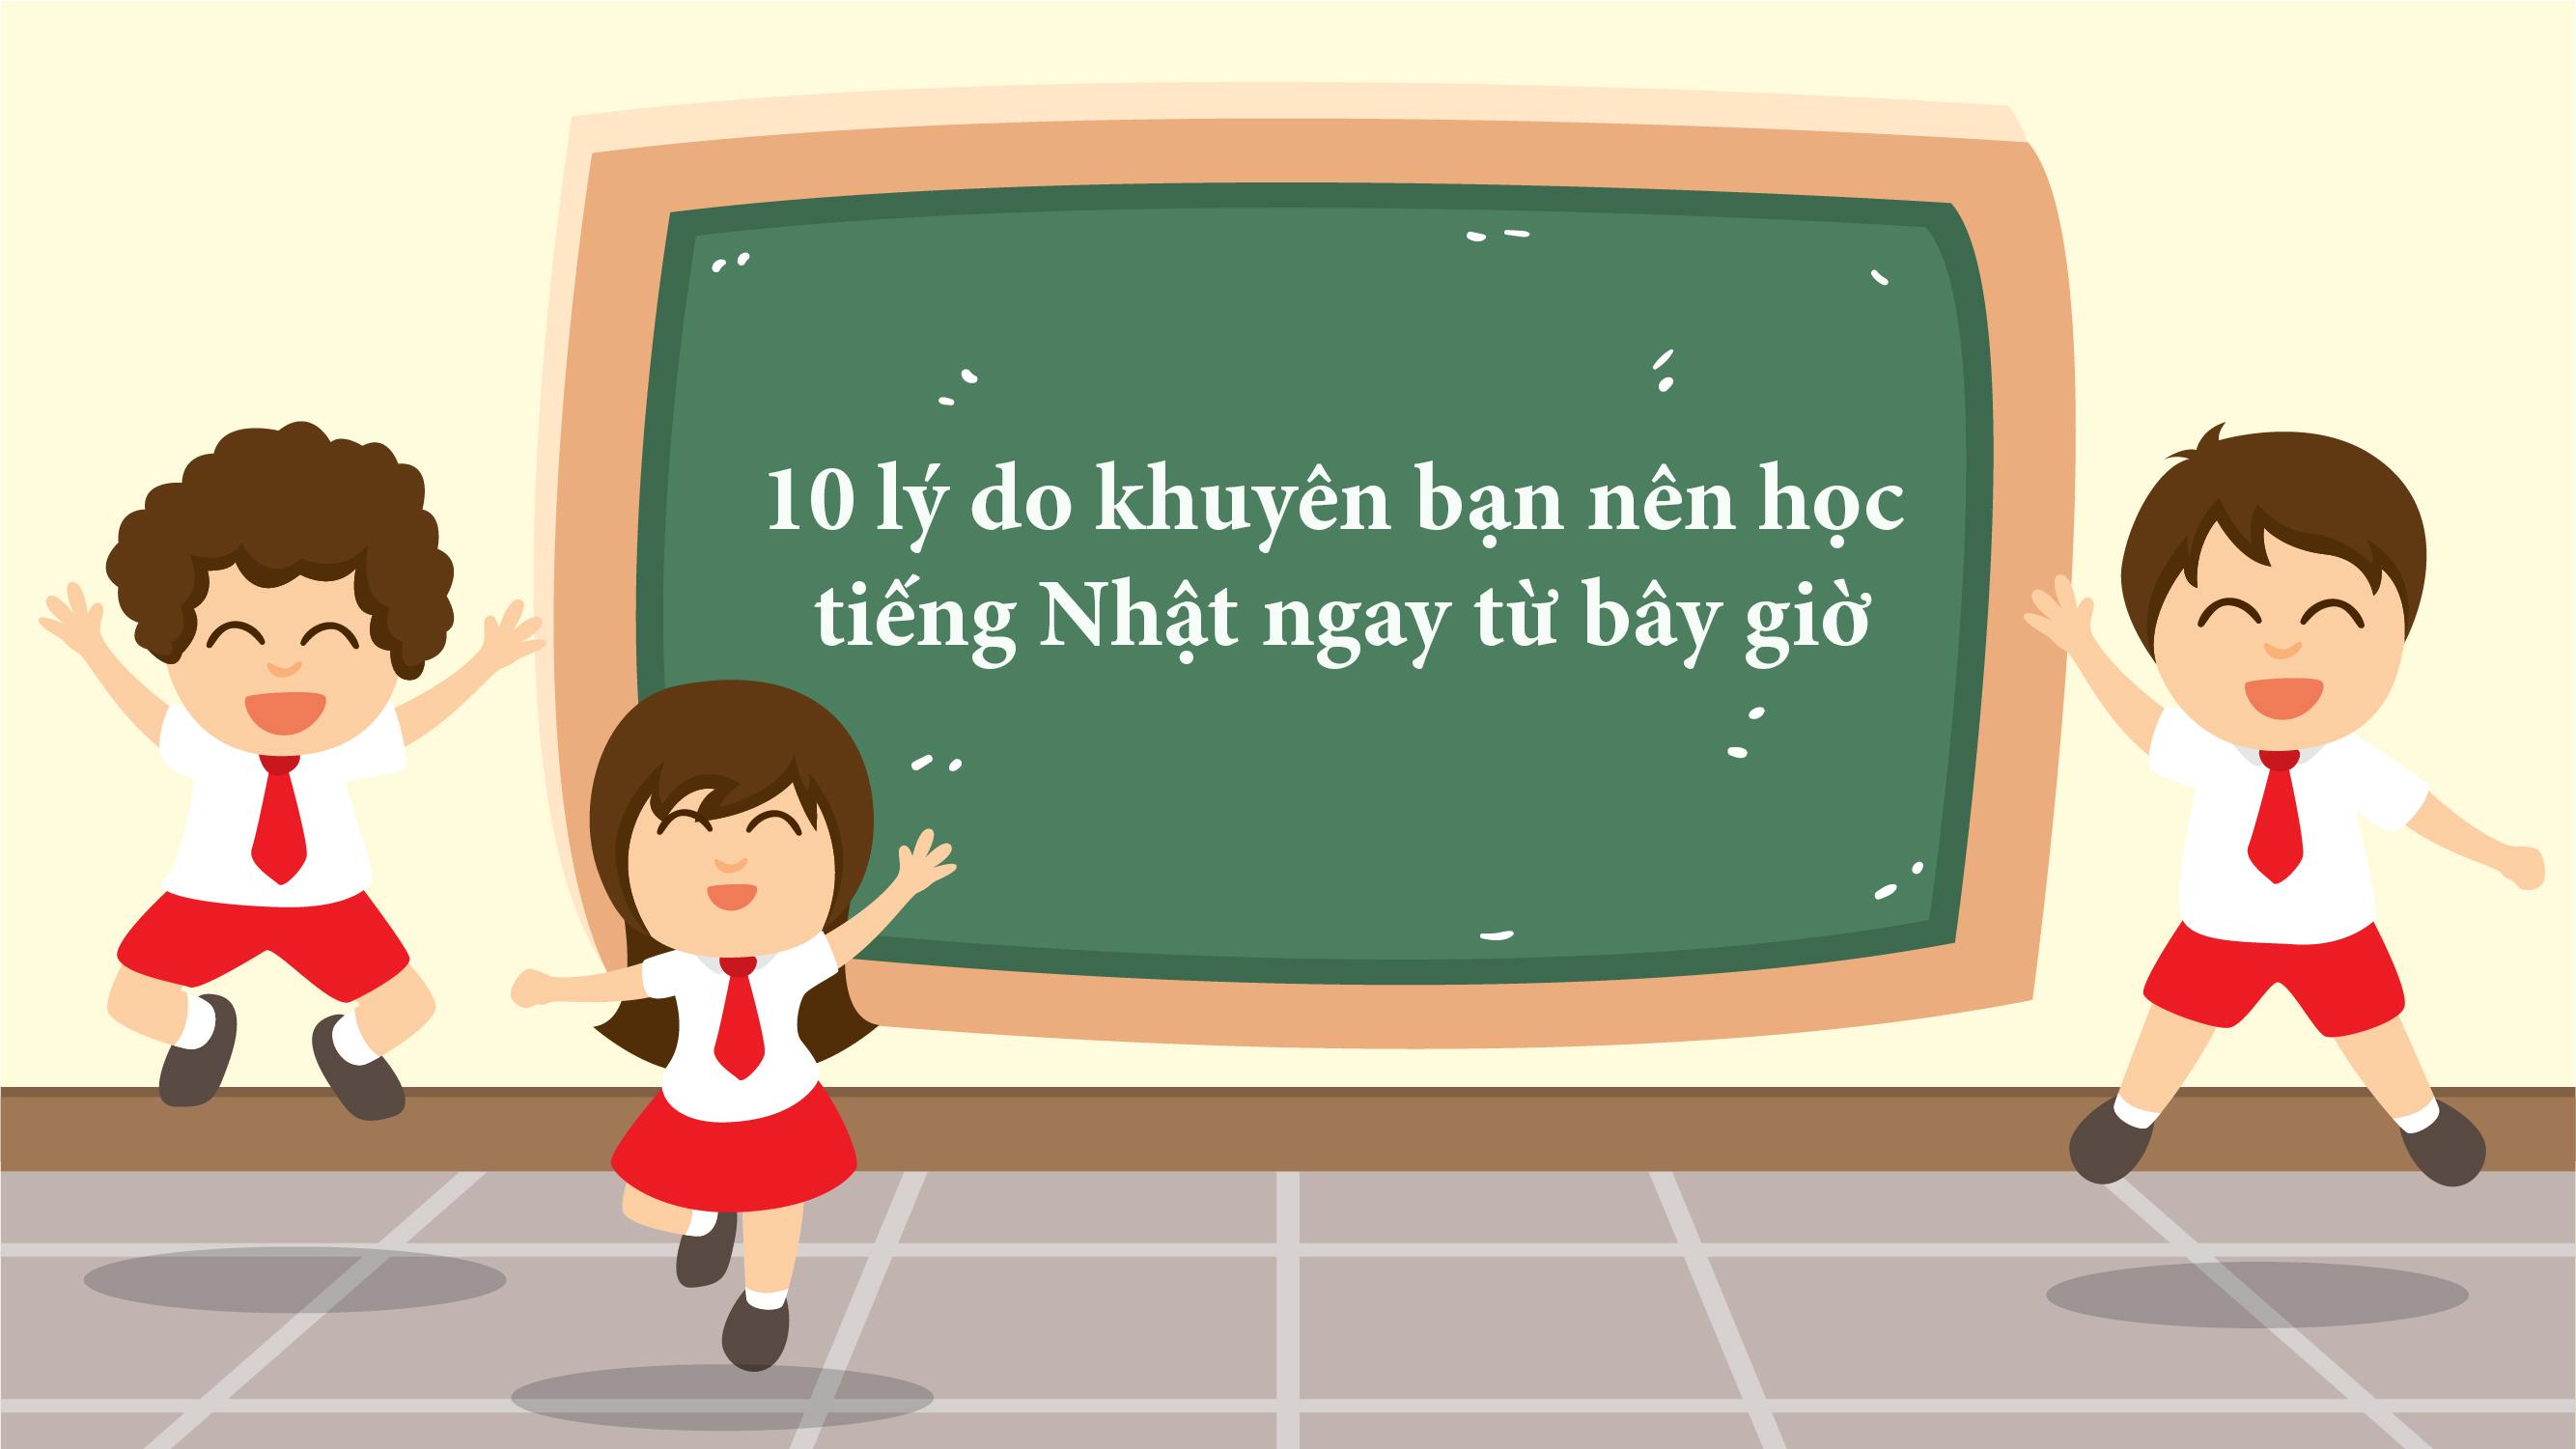 10 lý do khuyên bạn nên học tiếng Nhật ngay từ bây giờ